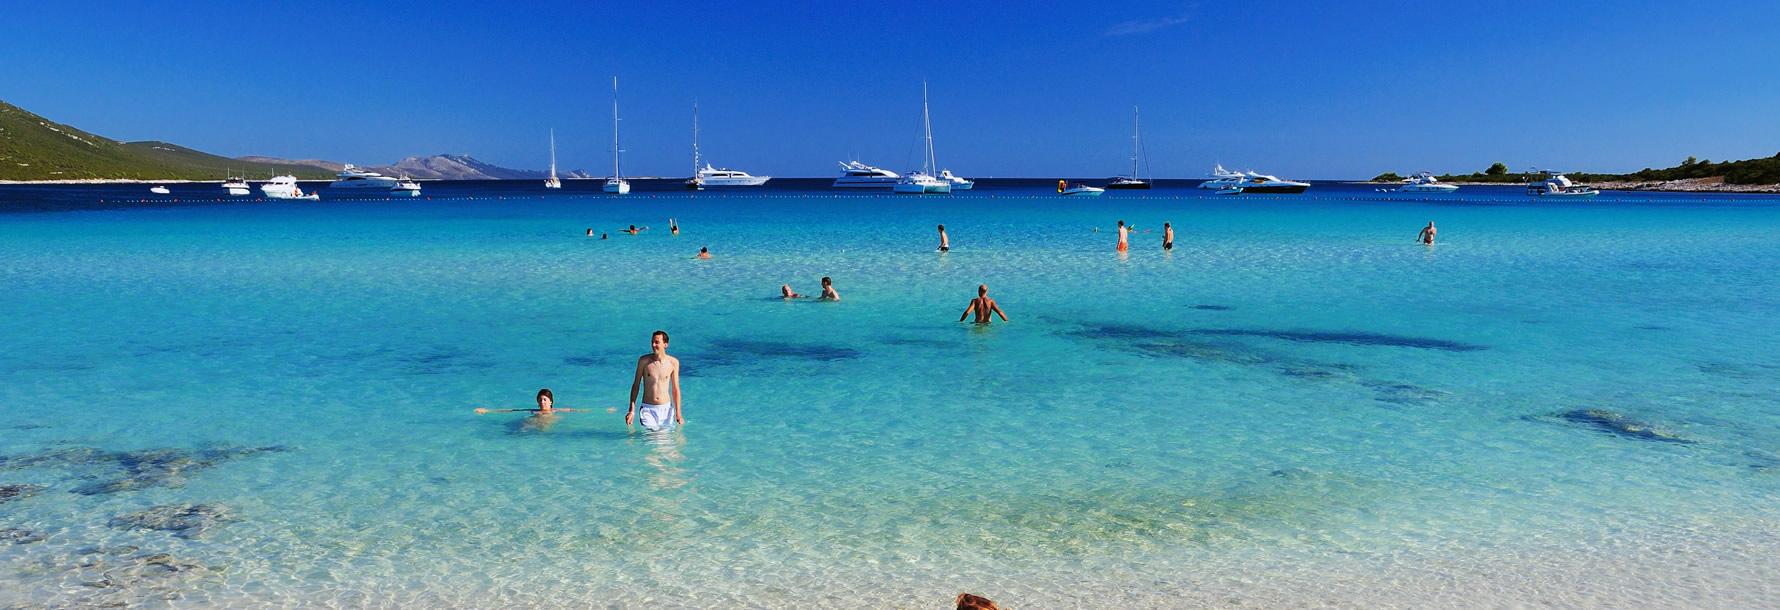 The dream beach